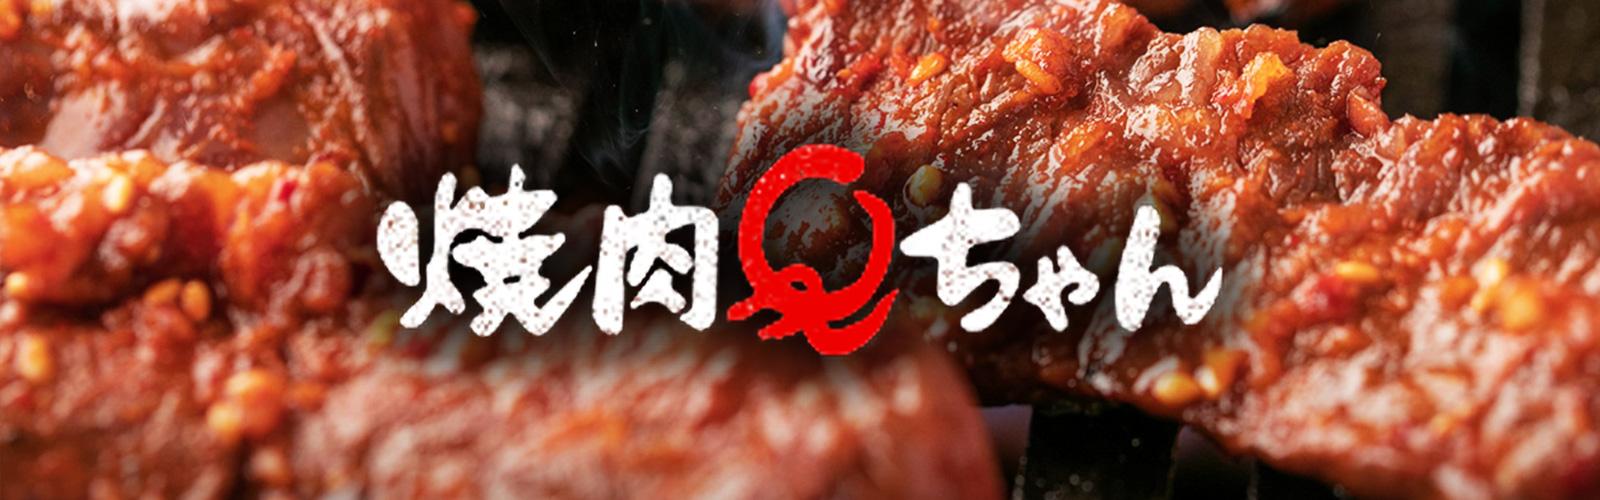 焼肉Qちゃん(大阪・なんば)